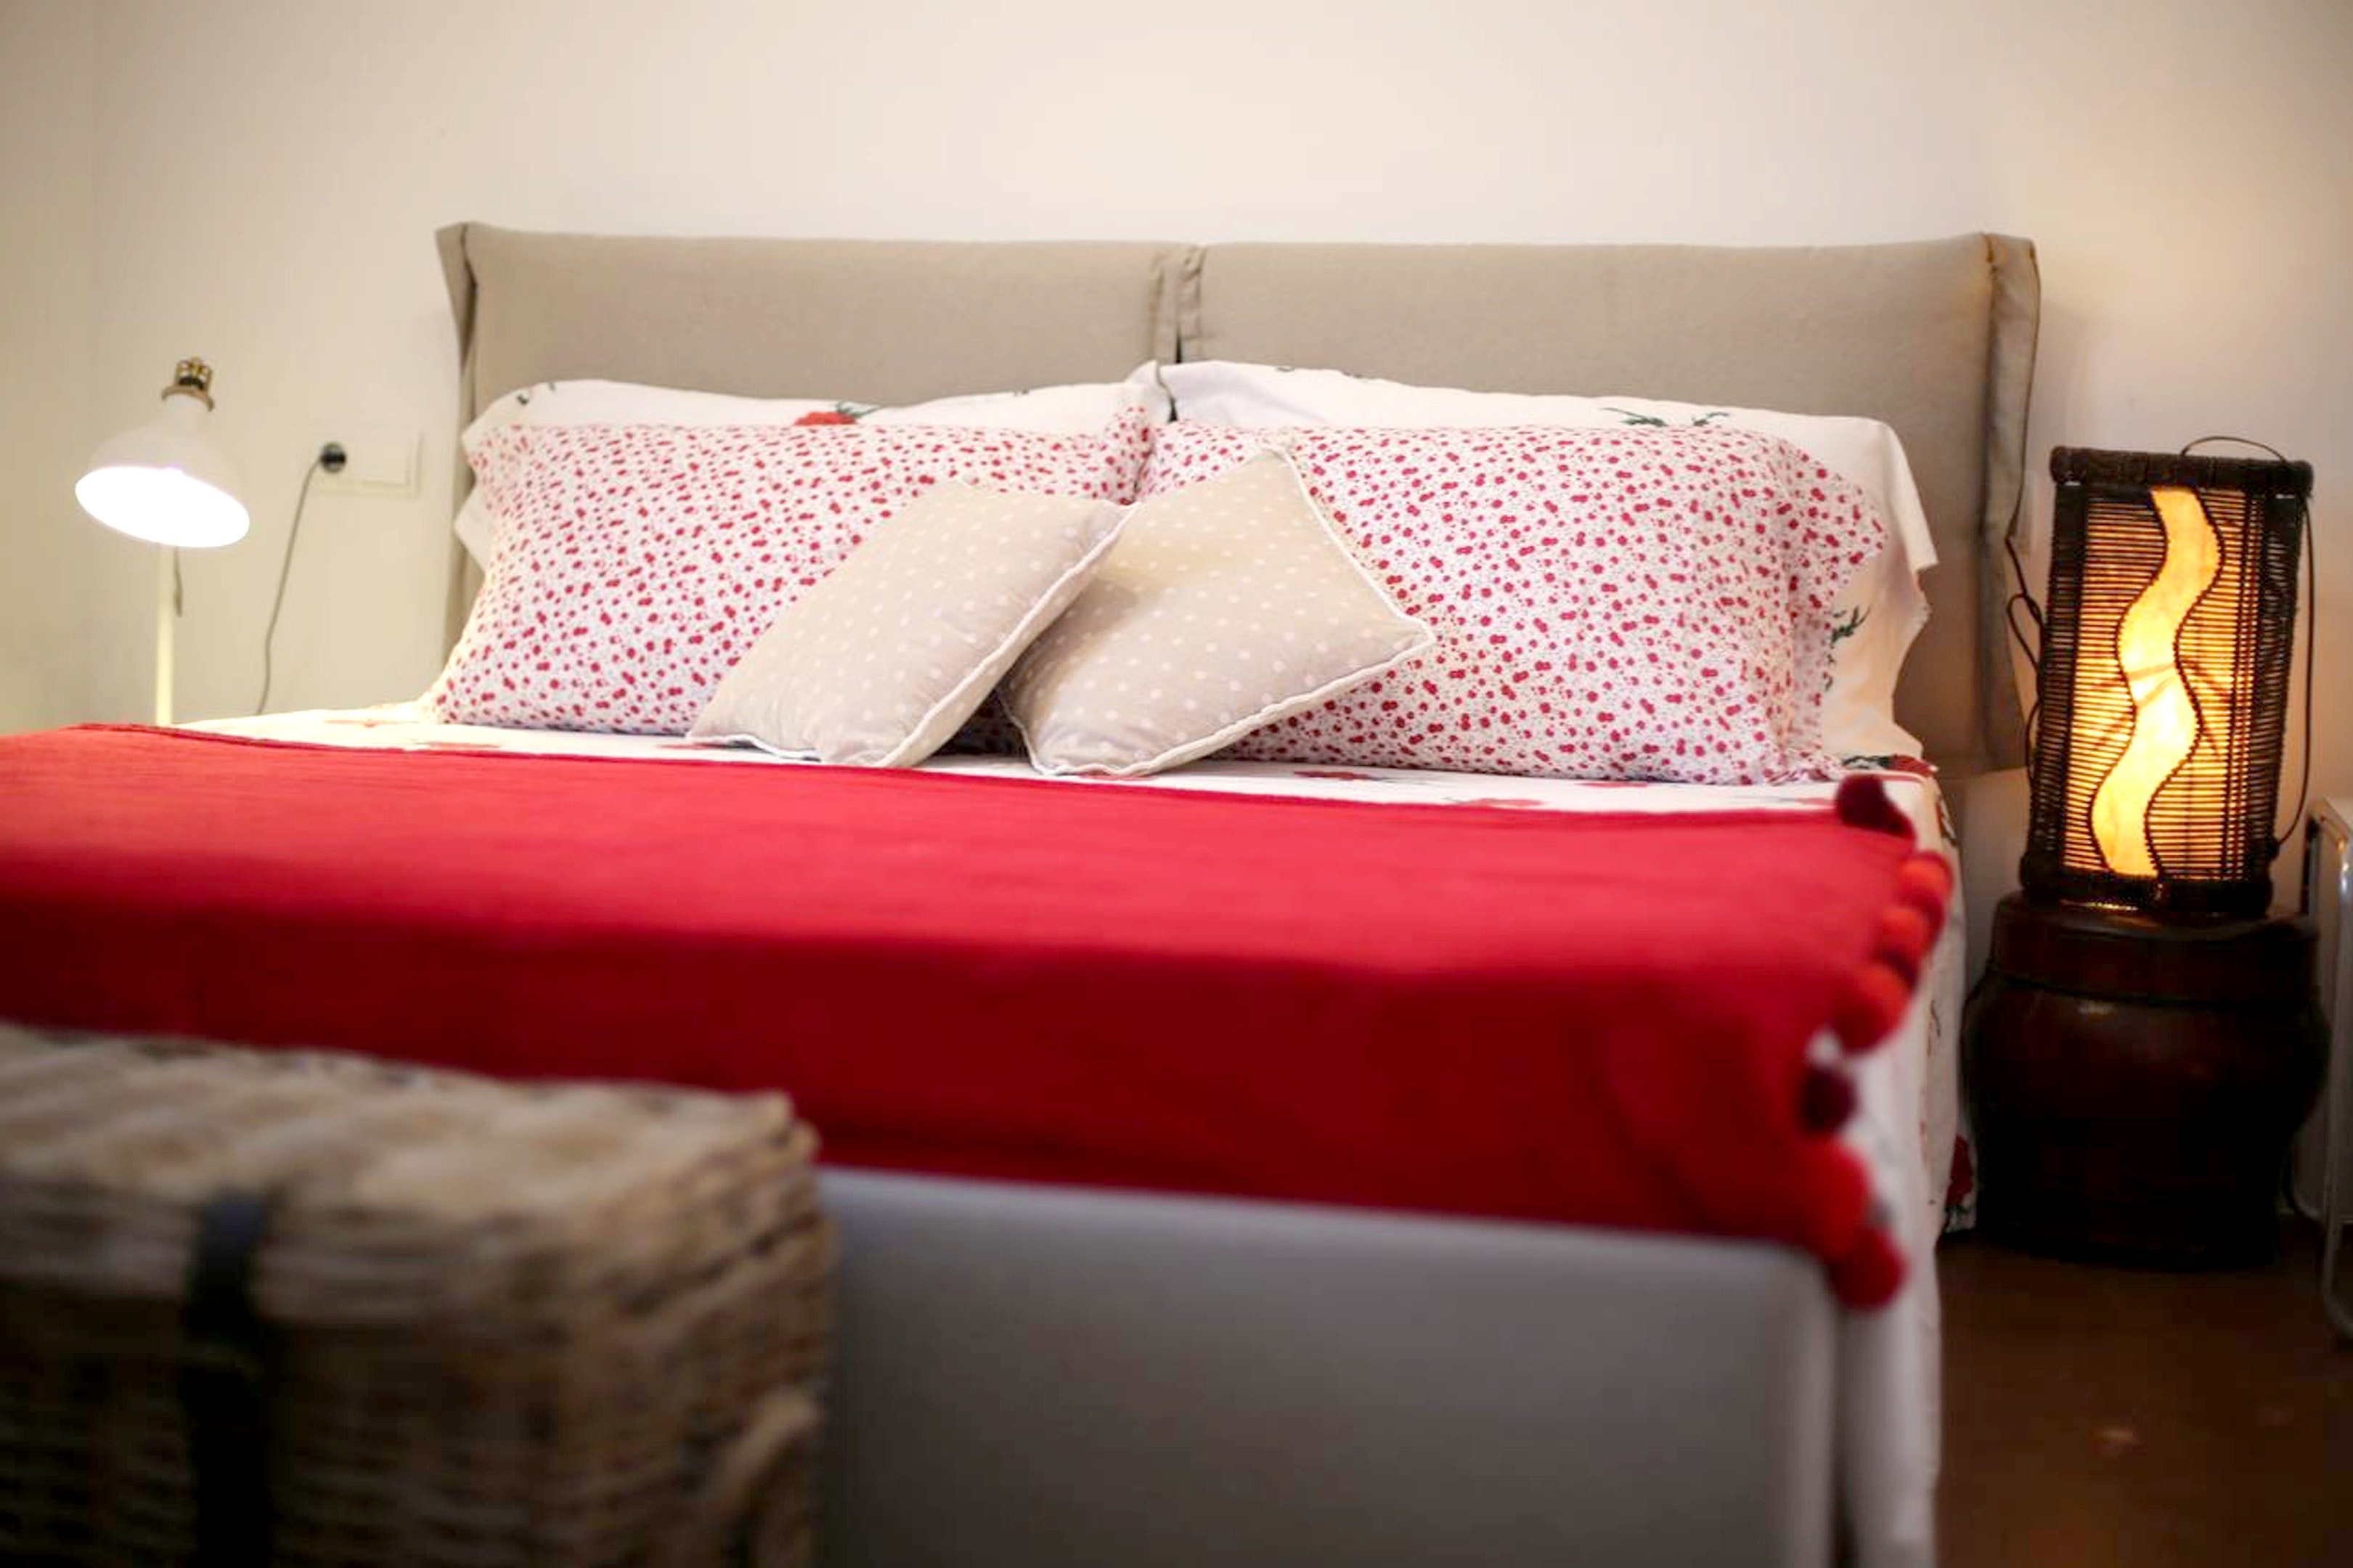 Maison de vacances Haus mit 4 Schlafzimmern in Sant Francesc Xavier mit Terrasse und W-LAN (2700592), San Francisco Javier, Formentera, Iles Baléares, Espagne, image 4